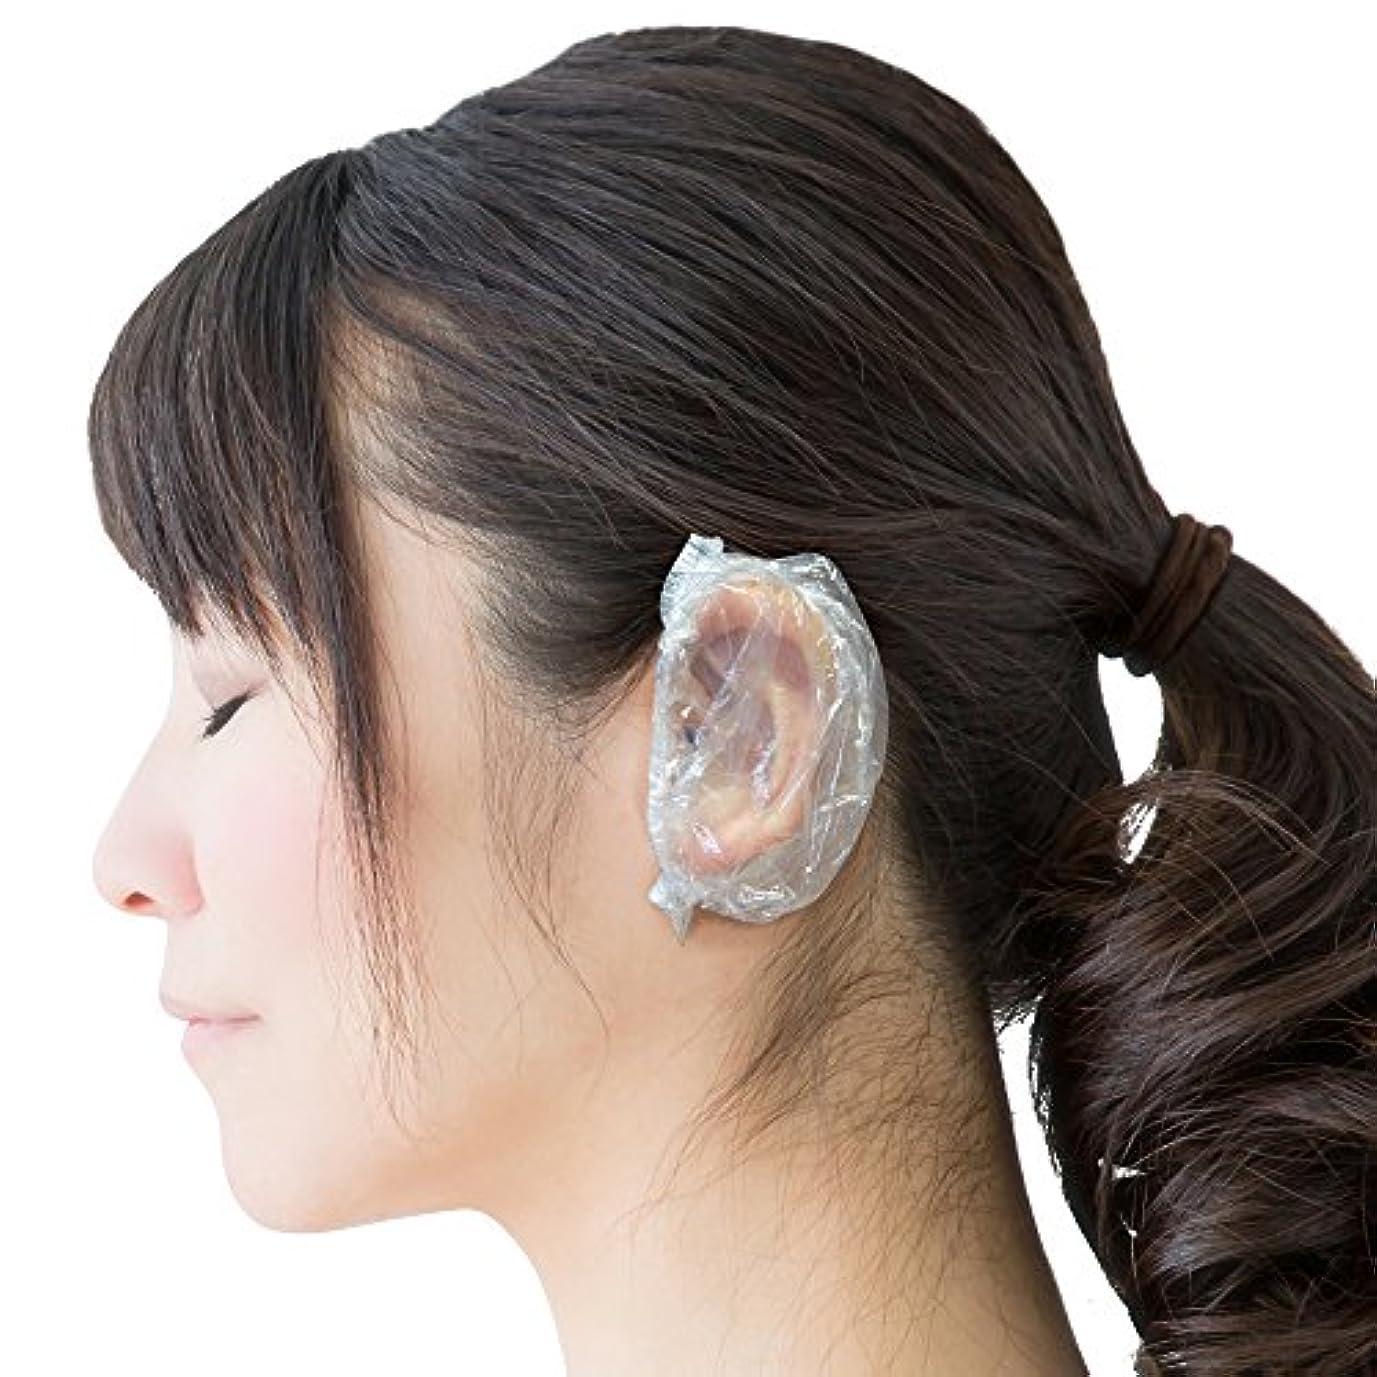 おもしろい仕方パテ【Fiveten】 耳キャップ イヤーキャップ 耳カバー 毛染め 使い捨て 100個